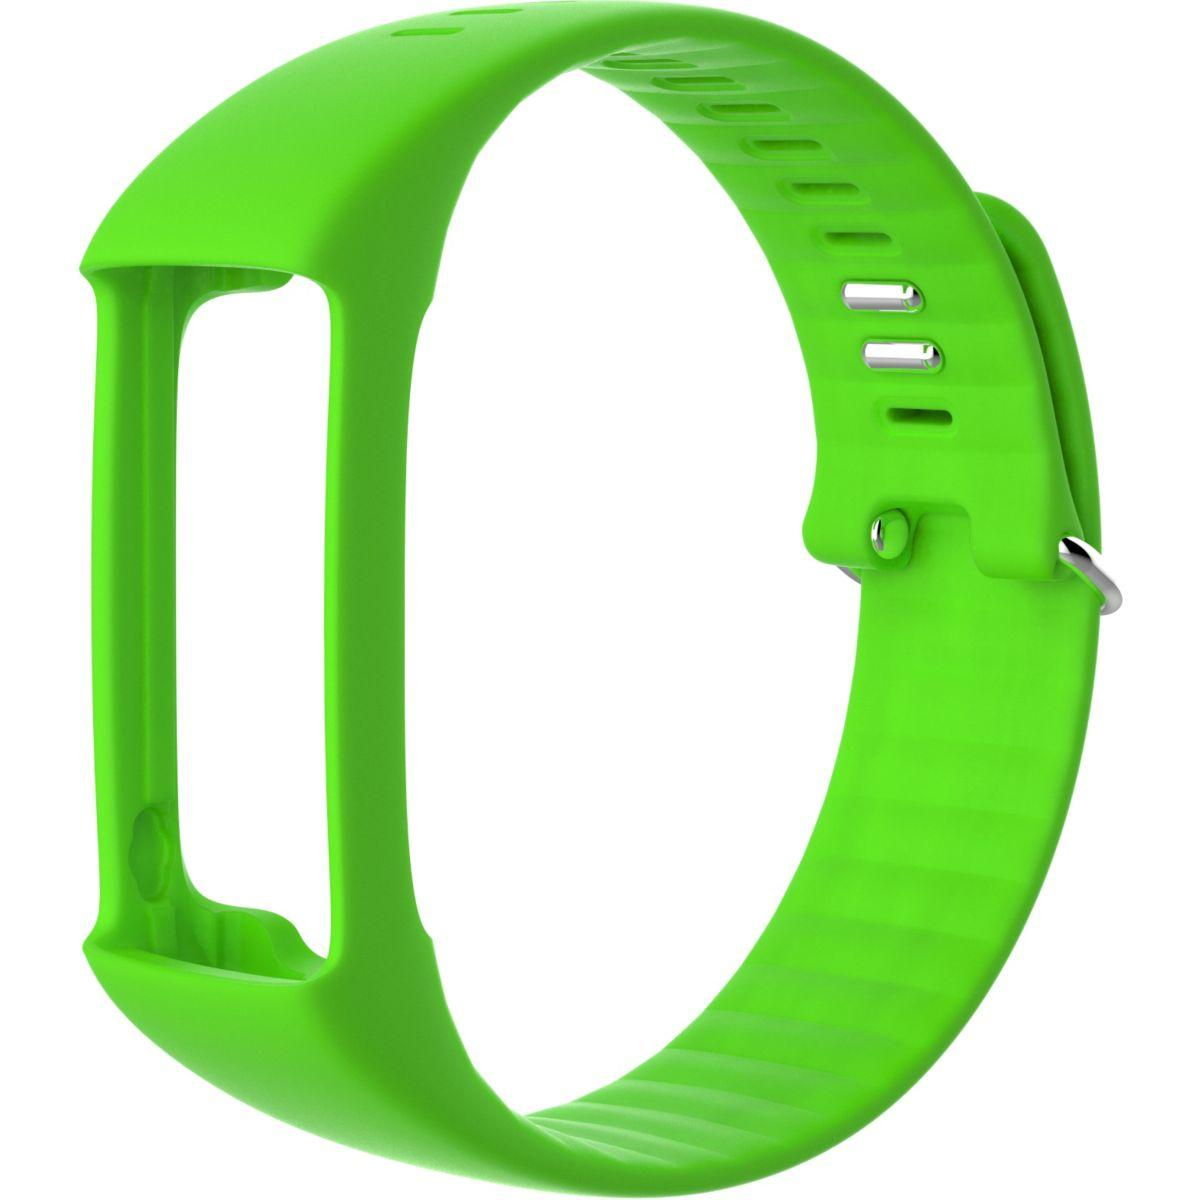 Bracelet montre polar a360 vert m - 5% de remise immédiate avec le code : cool5 (photo)